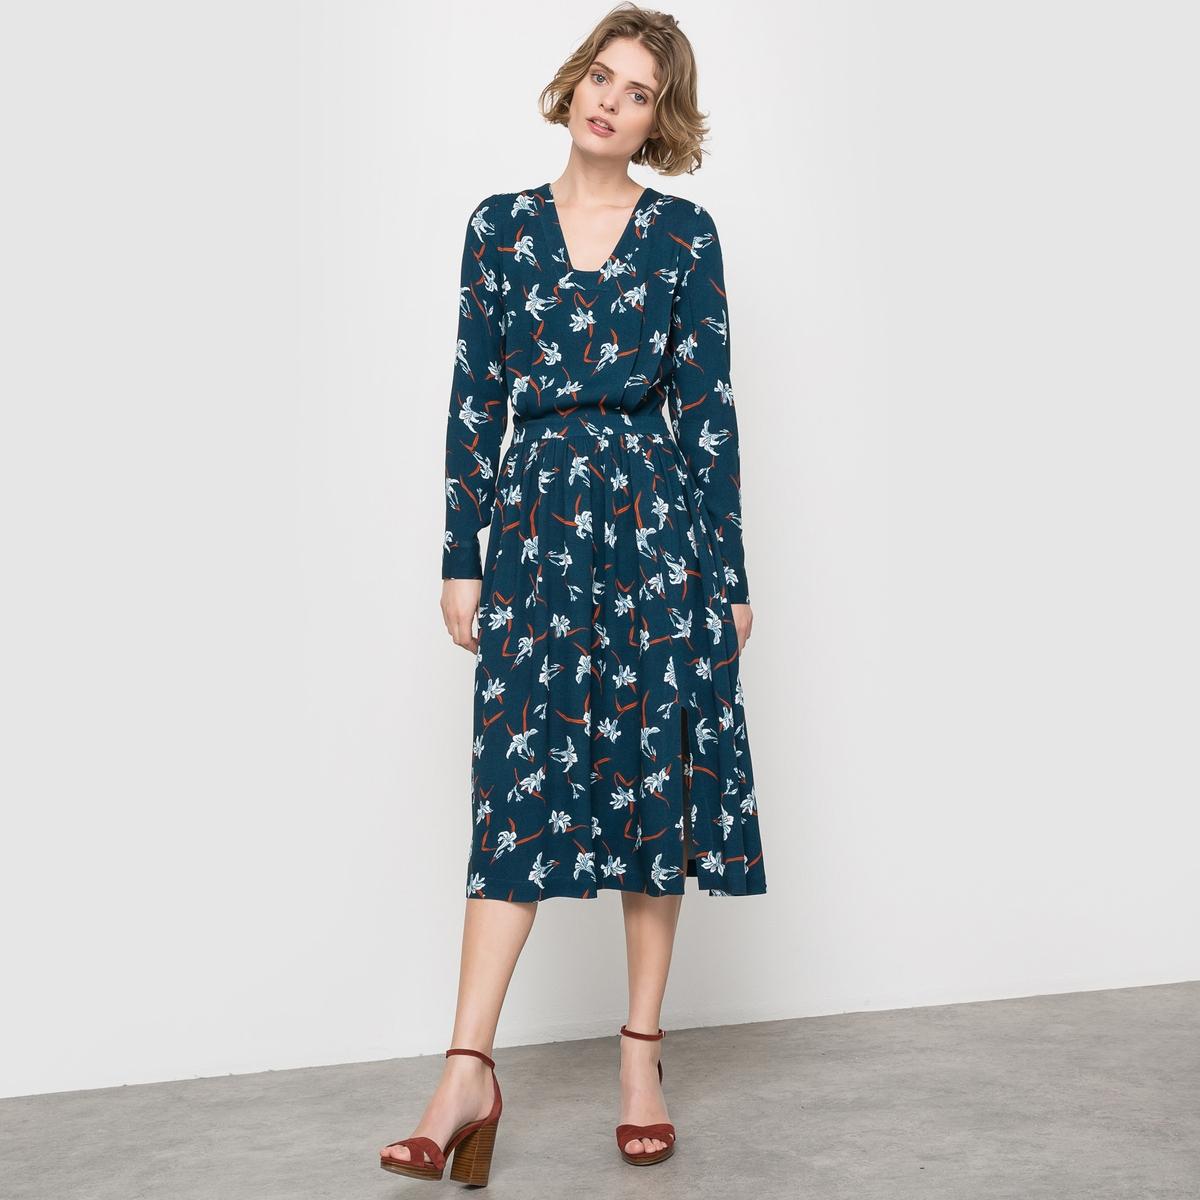 Платье длинное с рисункомСостав и описание:Материал: 100% вискозыДлина: 113 смУход:Машинная стирка при 30°С. Гладить с изнаночной стороны. Машинная сушка запрещена<br><br>Цвет: набивной рисунок<br>Размер: 40 (FR) - 46 (RUS)